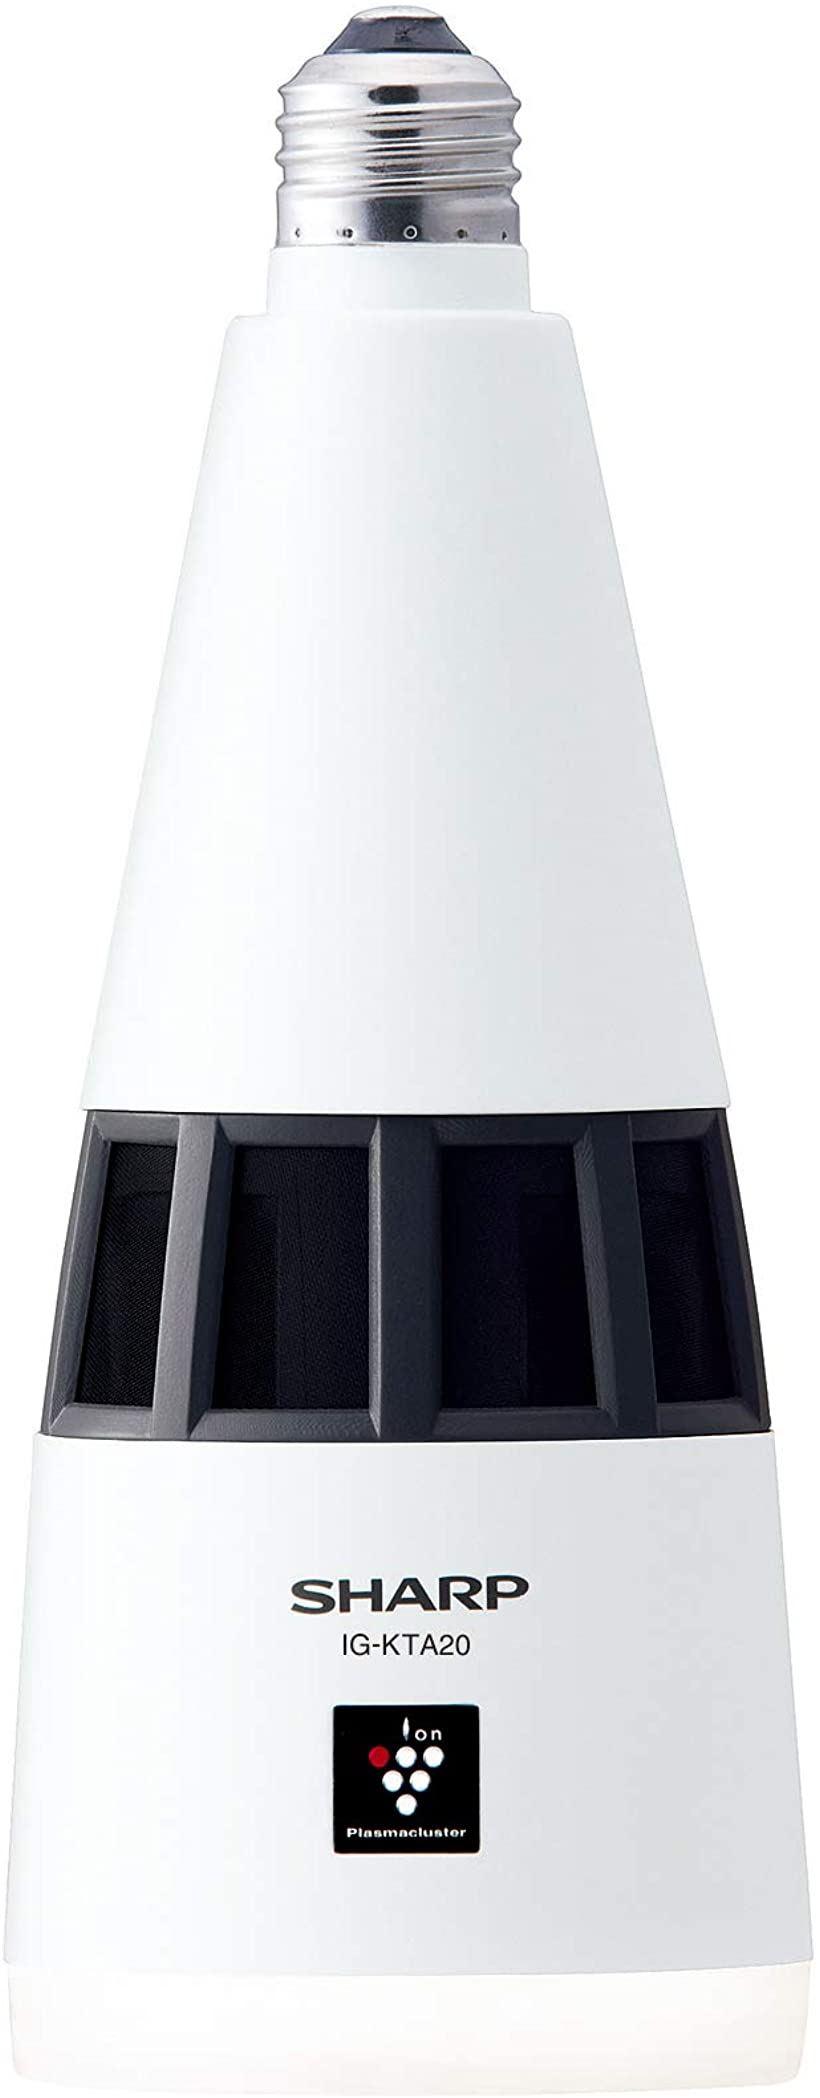 プラズマクラスター イオン発生機 トイレ用 天井 LED 照明 E26口金 IG-KTA20-W(ホワイト, 1 畳)